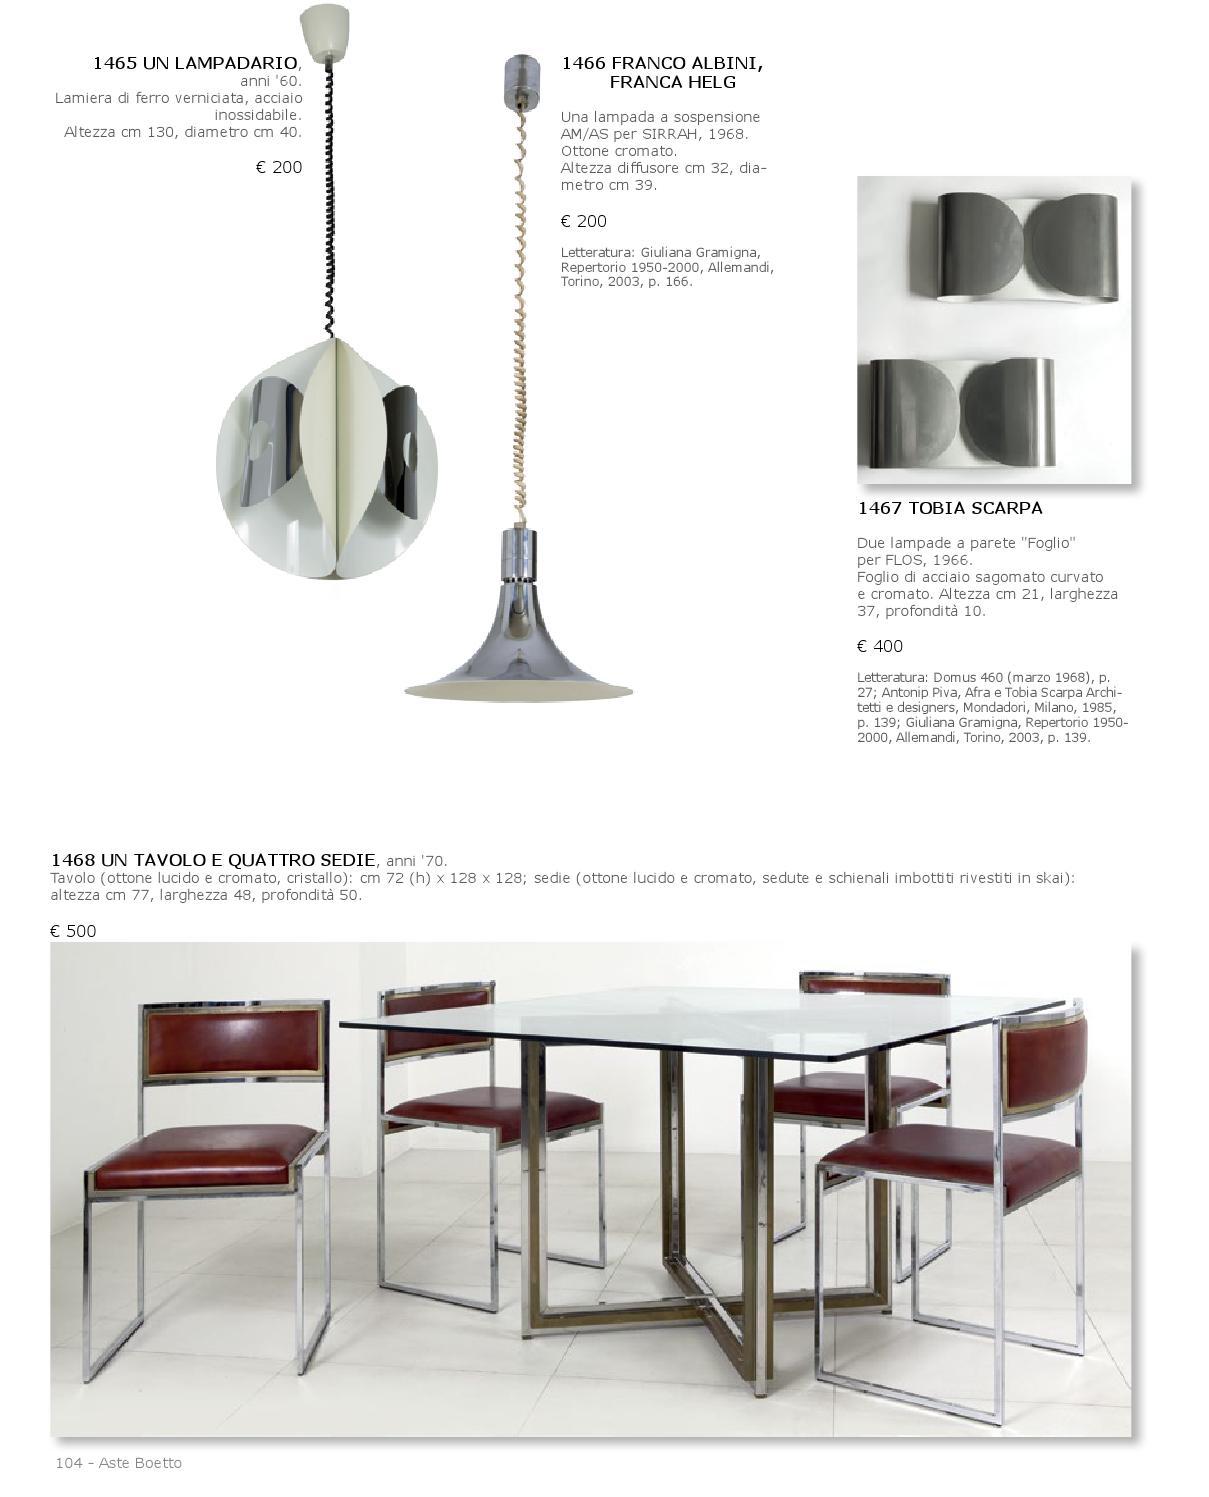 Tavolo E Sedie Anni 70.Asta Design E Arte Decorativa By Aste Boetto Issuu